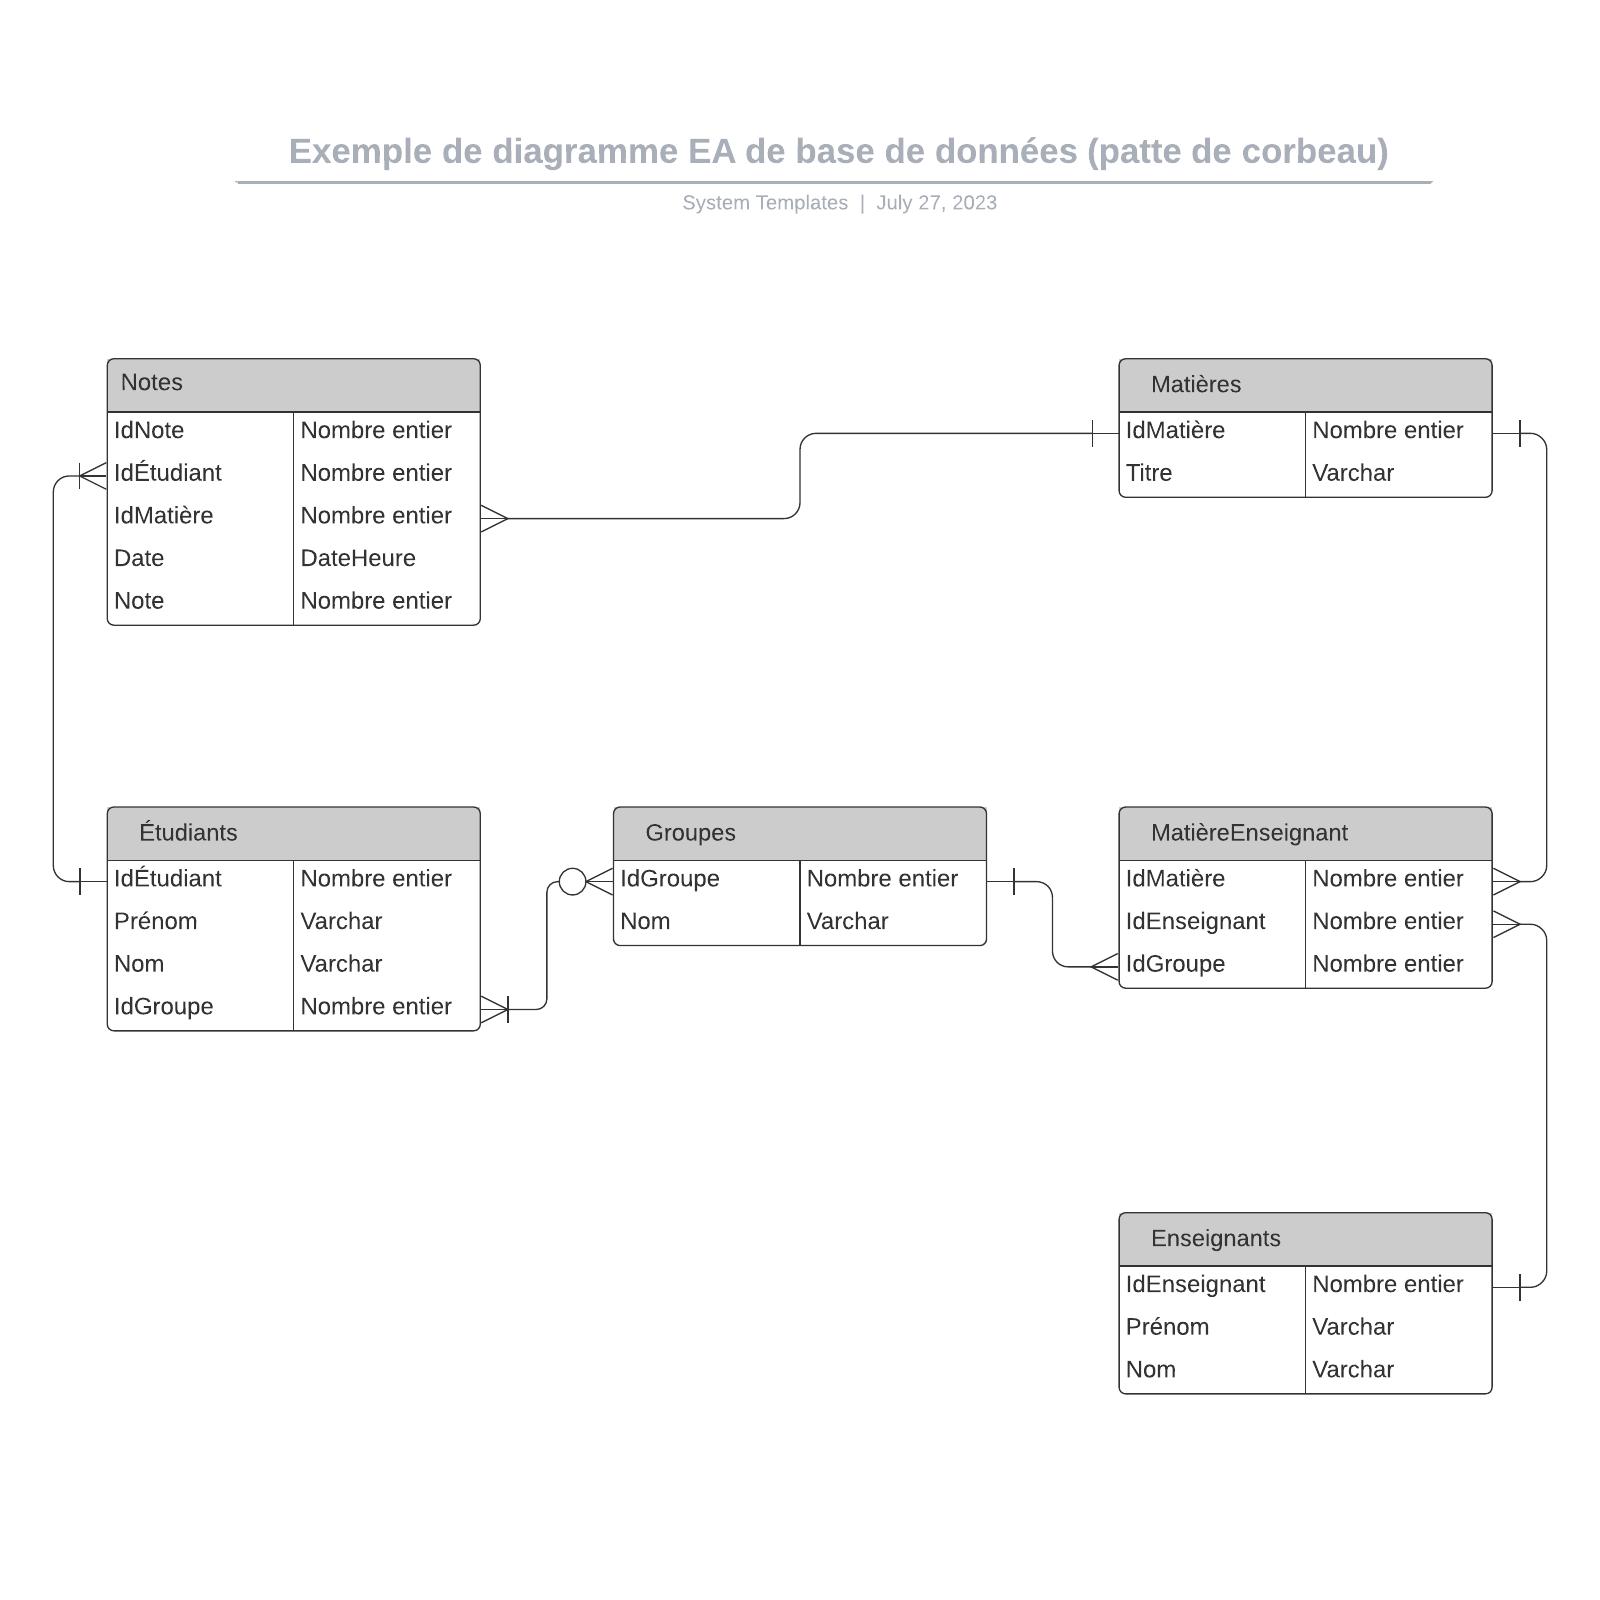 exemple de diagramme EA de base de données (patte de corbeau)